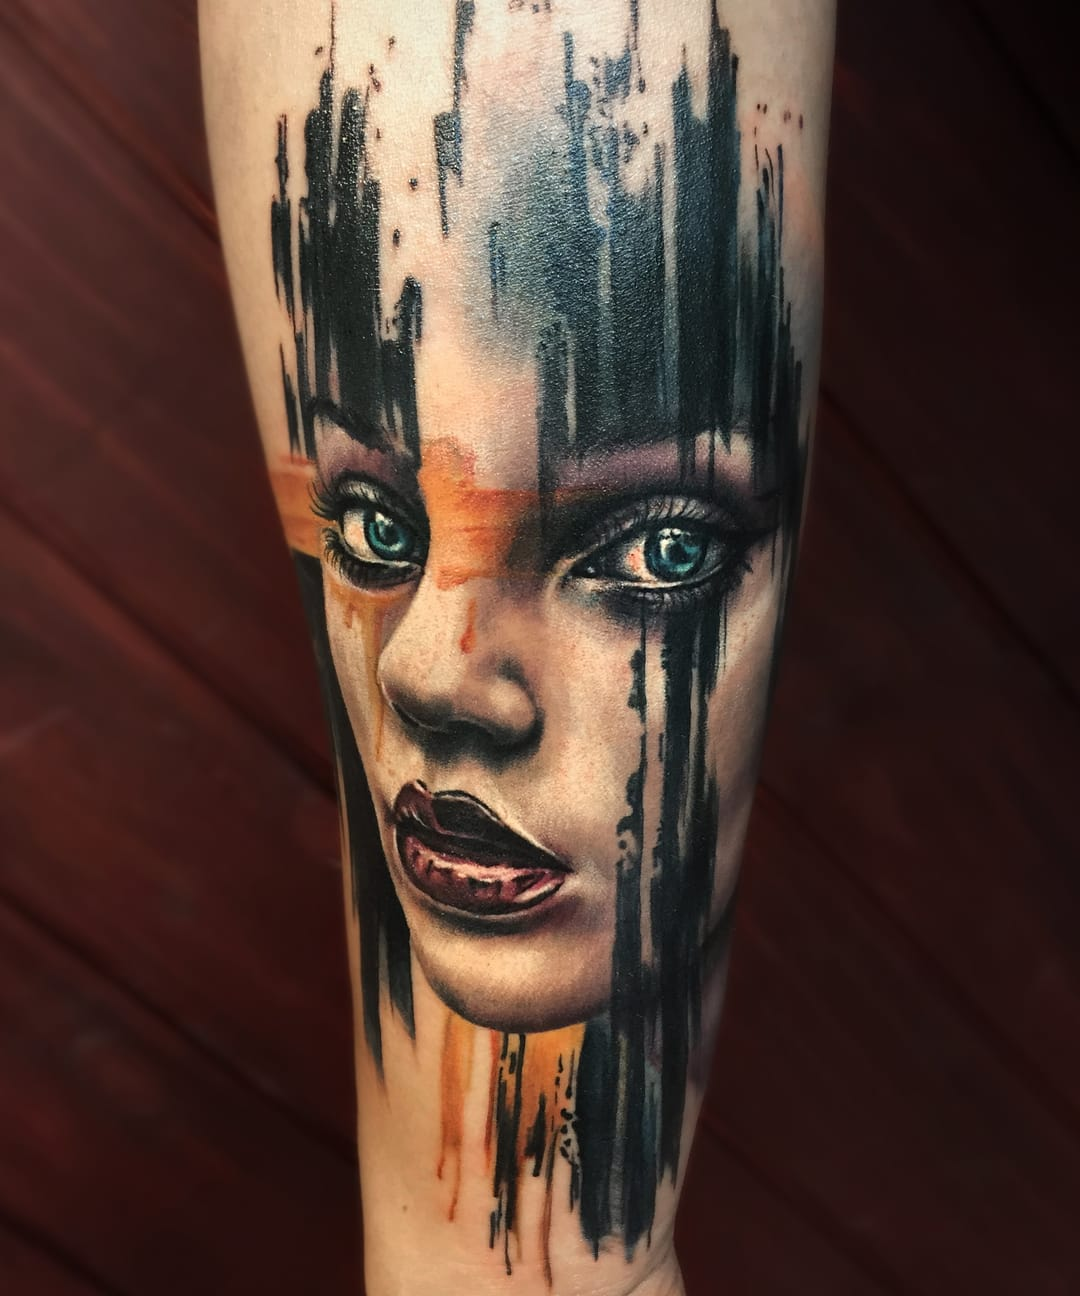 Beautiful portrait tattoo